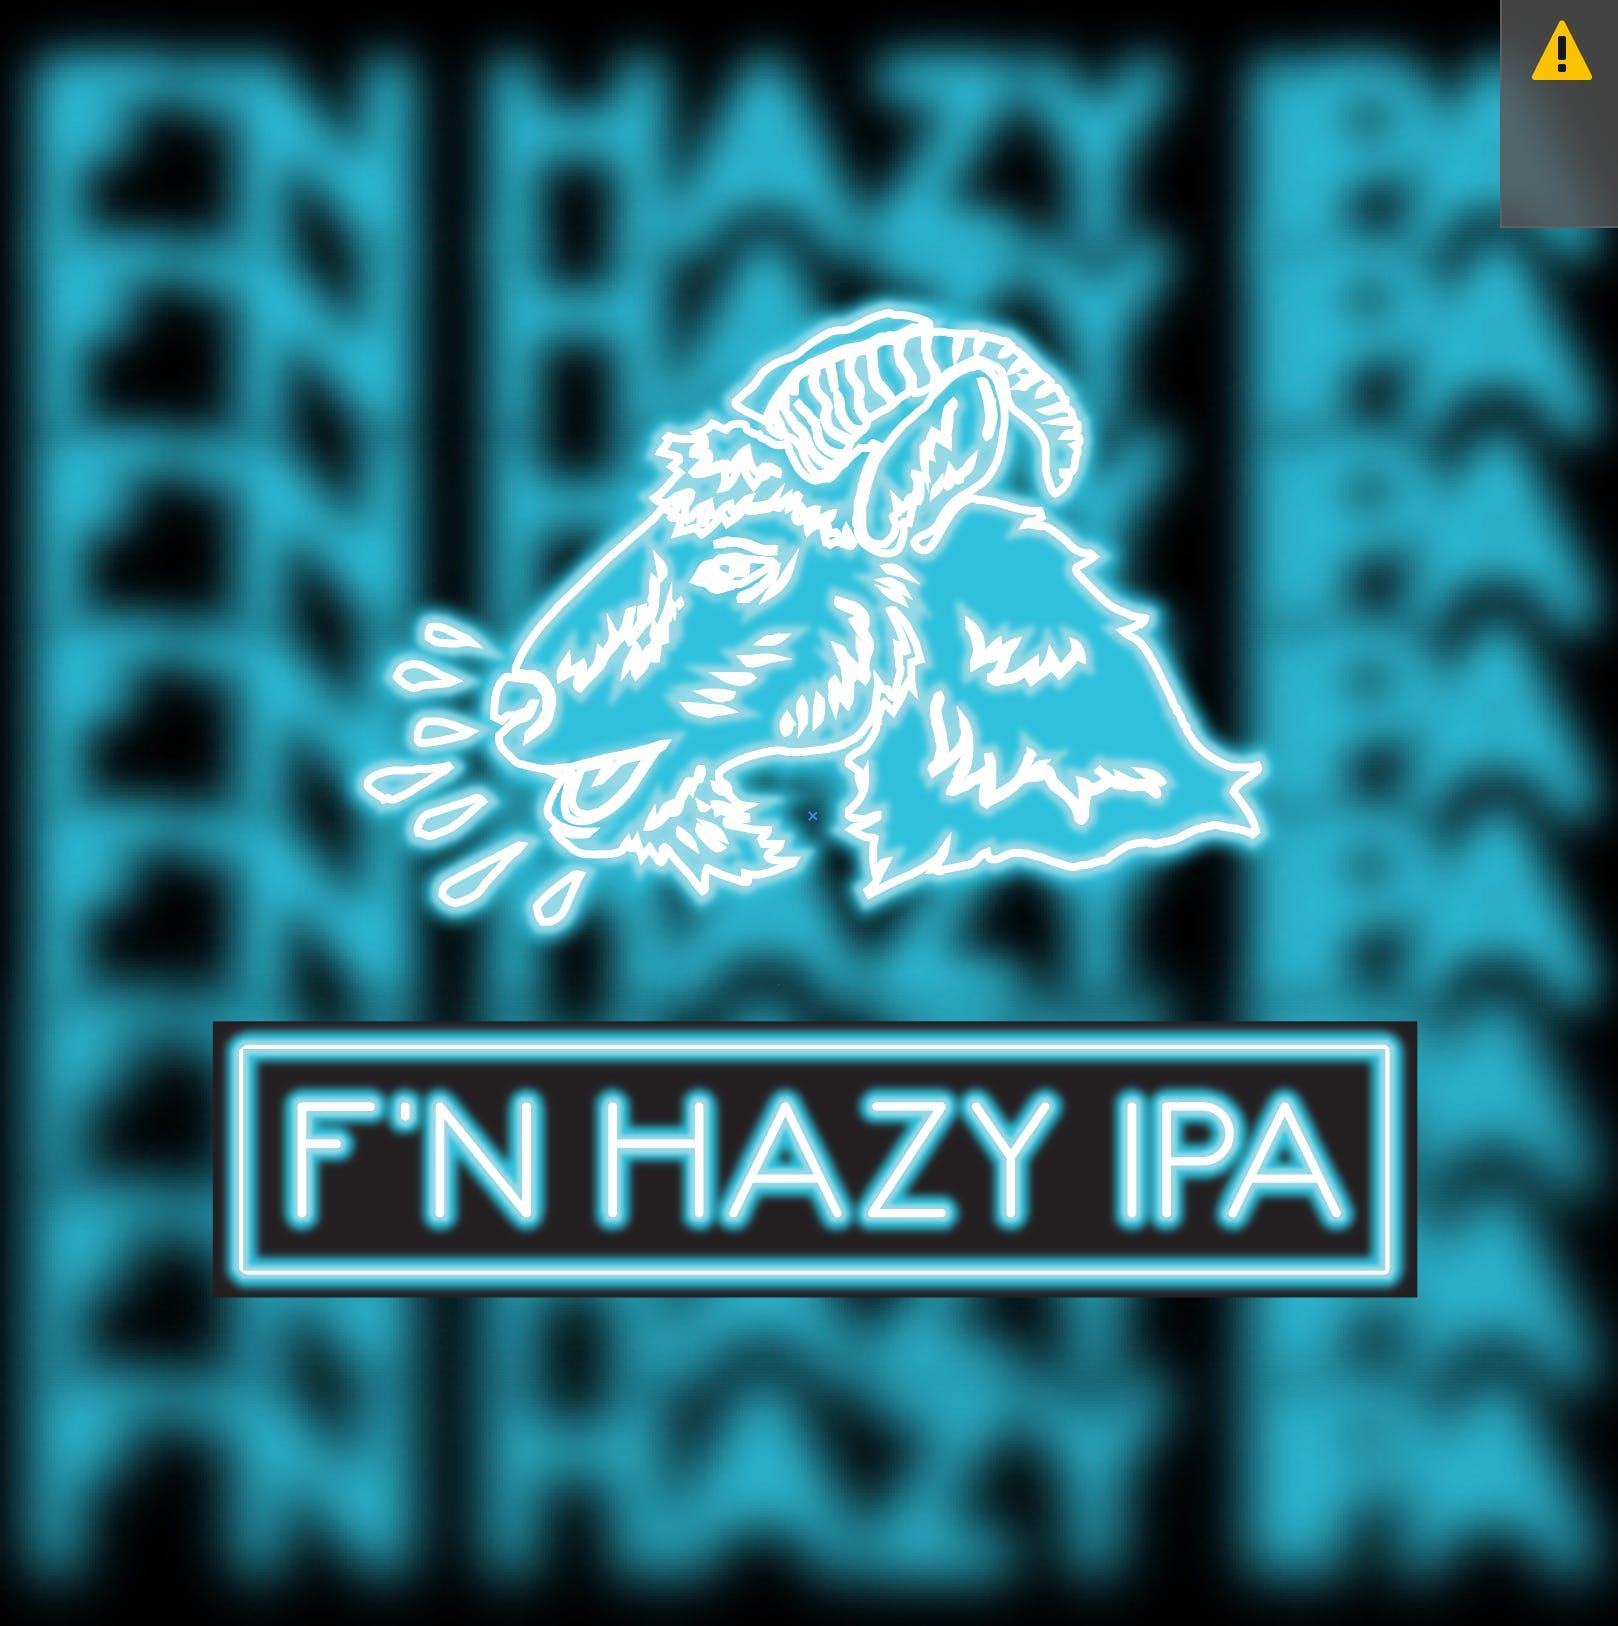 fn-hazy-ipa